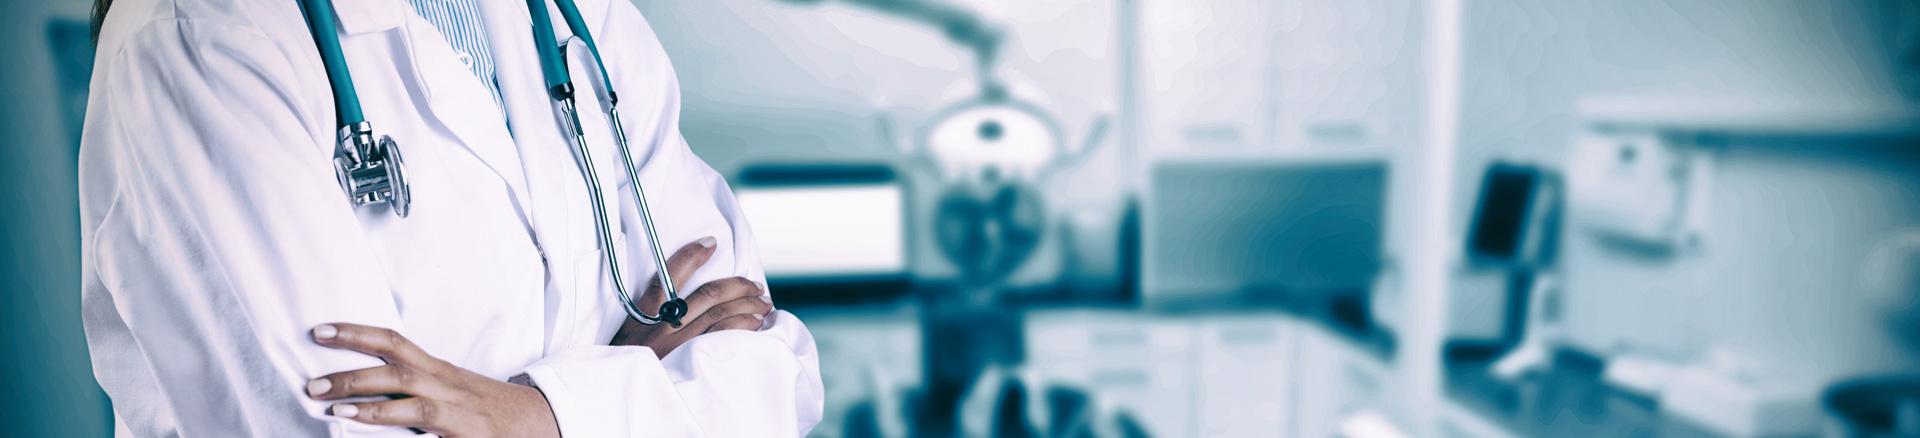 IDENTITÀ Poliambulatorio Medico-Odontoiatrico - Chi siamo